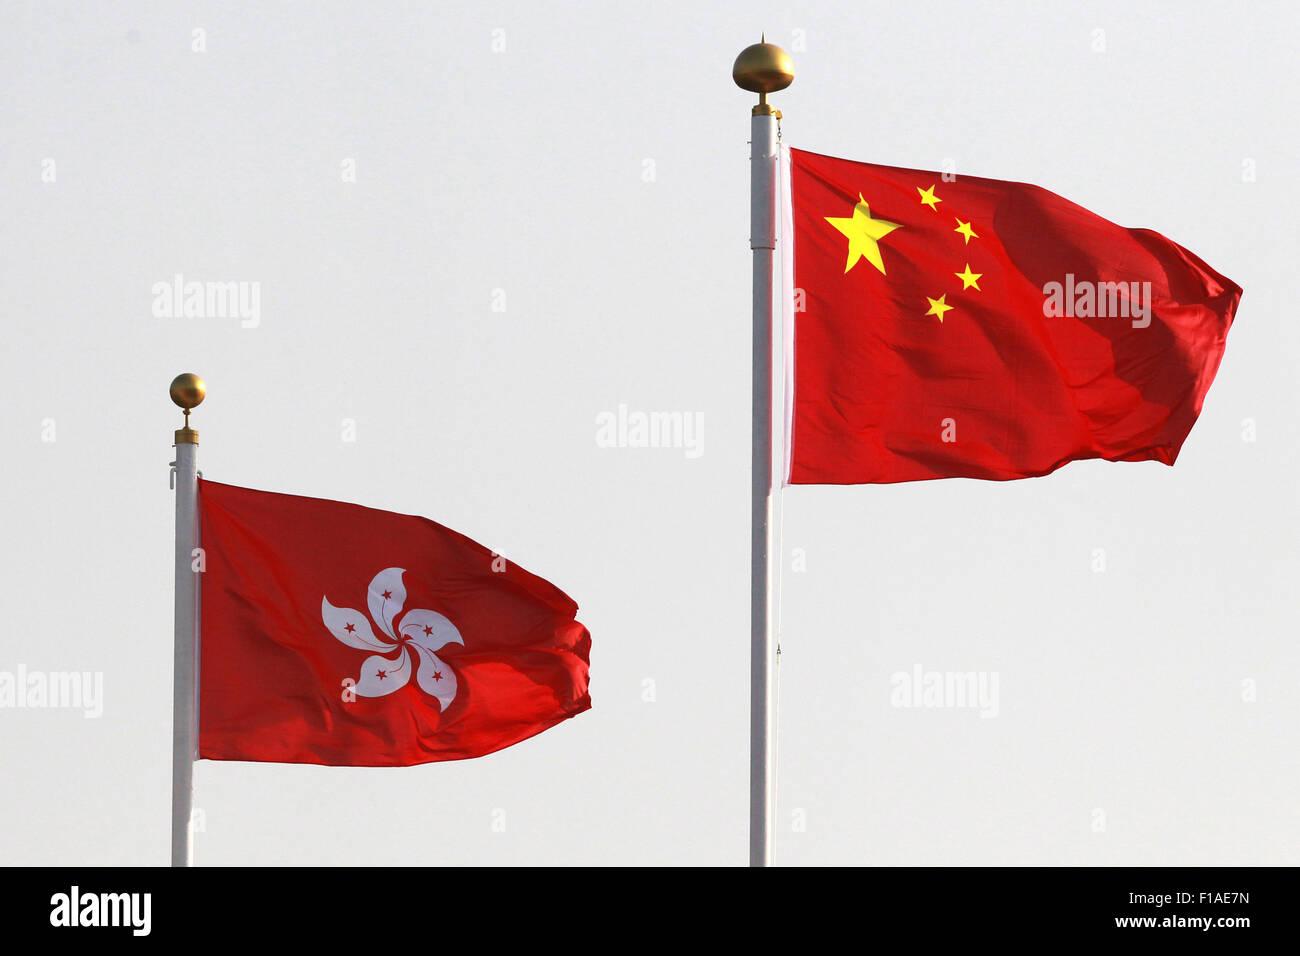 Hong Kong, China, National Flag of the People's Republic of China and countries flag of Hong Kong - Stock Image